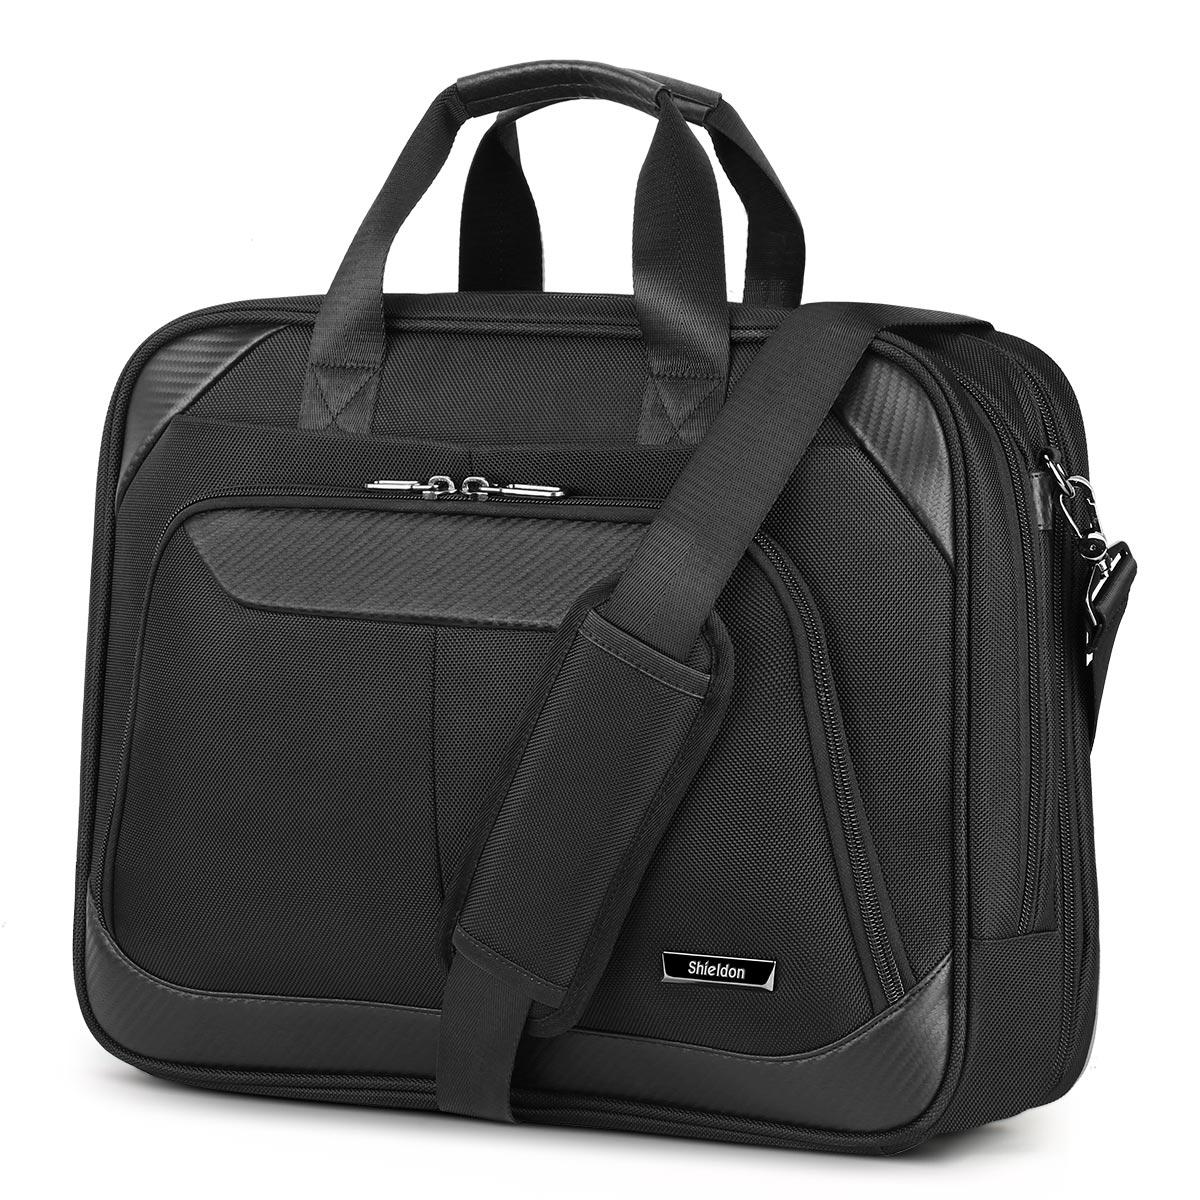 SHIELDON Laptop Bag 15.6-inch Business Briefcase Notebook Bag Messenger Bag, Carry-on Handbag for Men